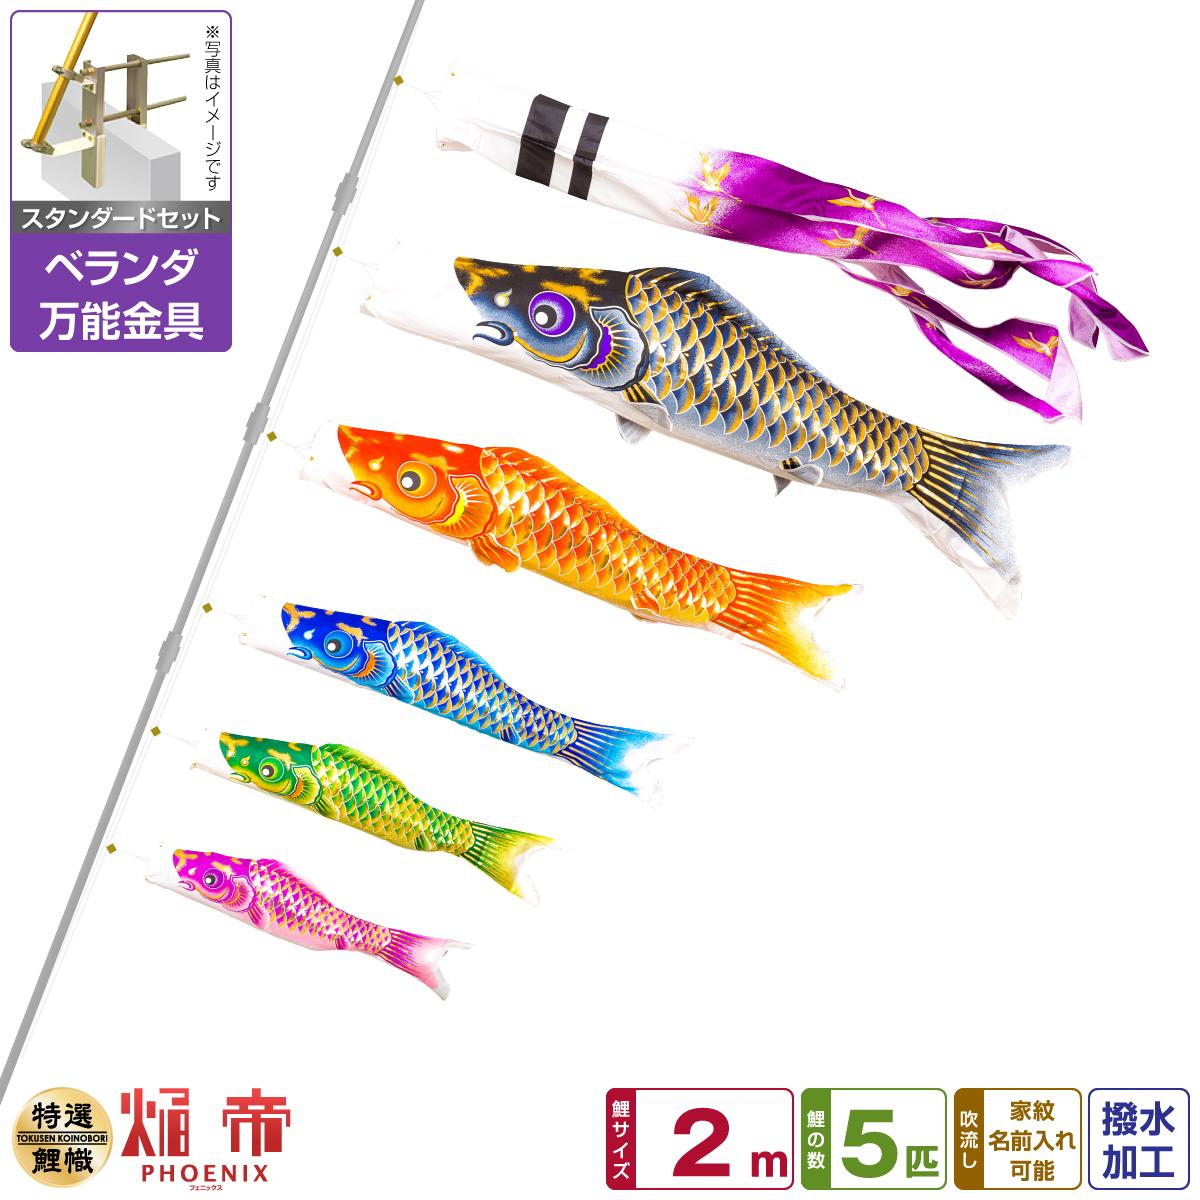 ベランダ用 こいのぼり 鯉のぼり 焔帝鯉フェニックス 2m 8点(吹流し+鯉5匹+矢車+ロープ)/スタンダードセット(万能取付金具)